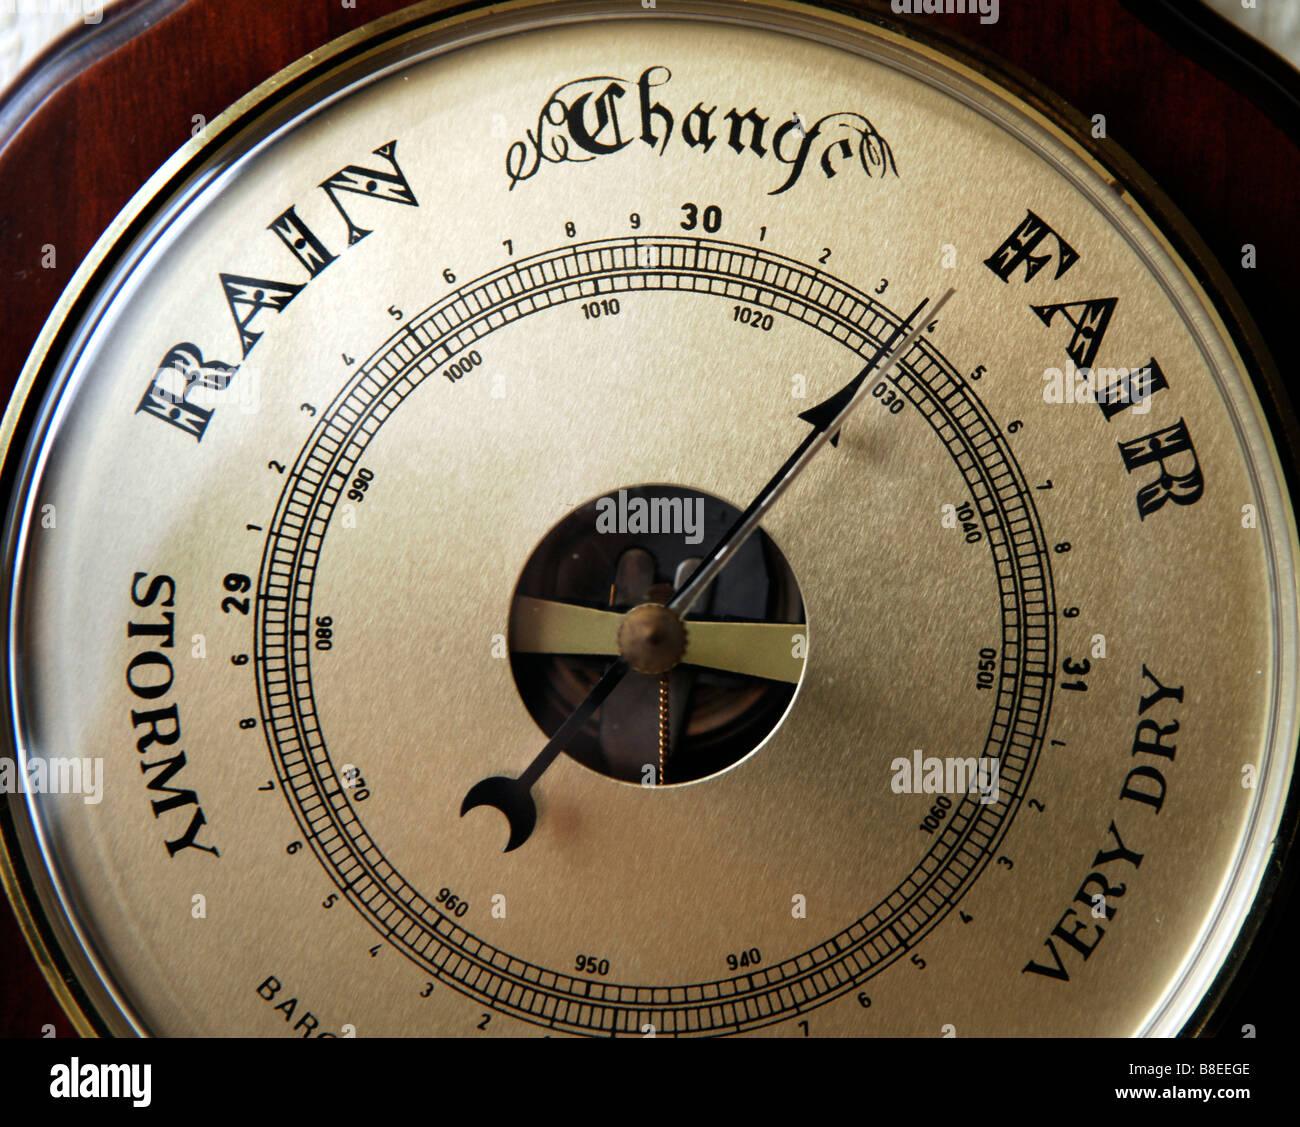 Un barómetro utilizado para las predicciones meteorológicas midiendo la presión barométrica Imagen De Stock